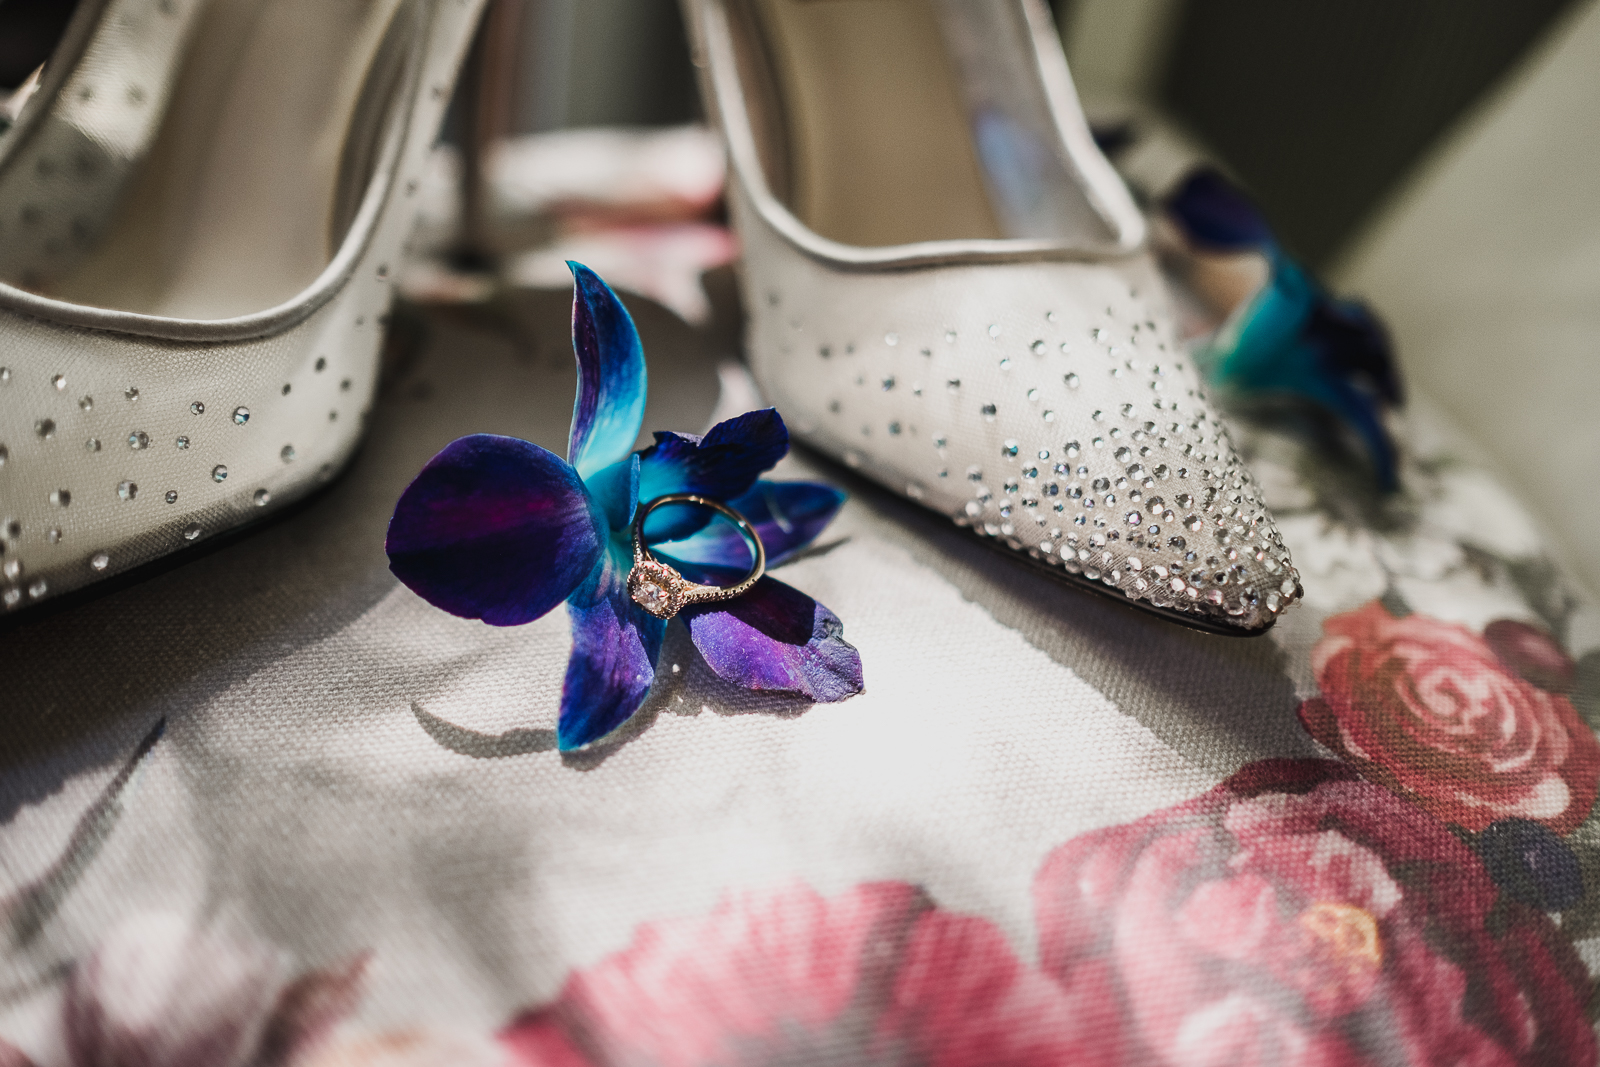 ArtAroundPhotos-jax_wedding-28.10.18-17.jpg